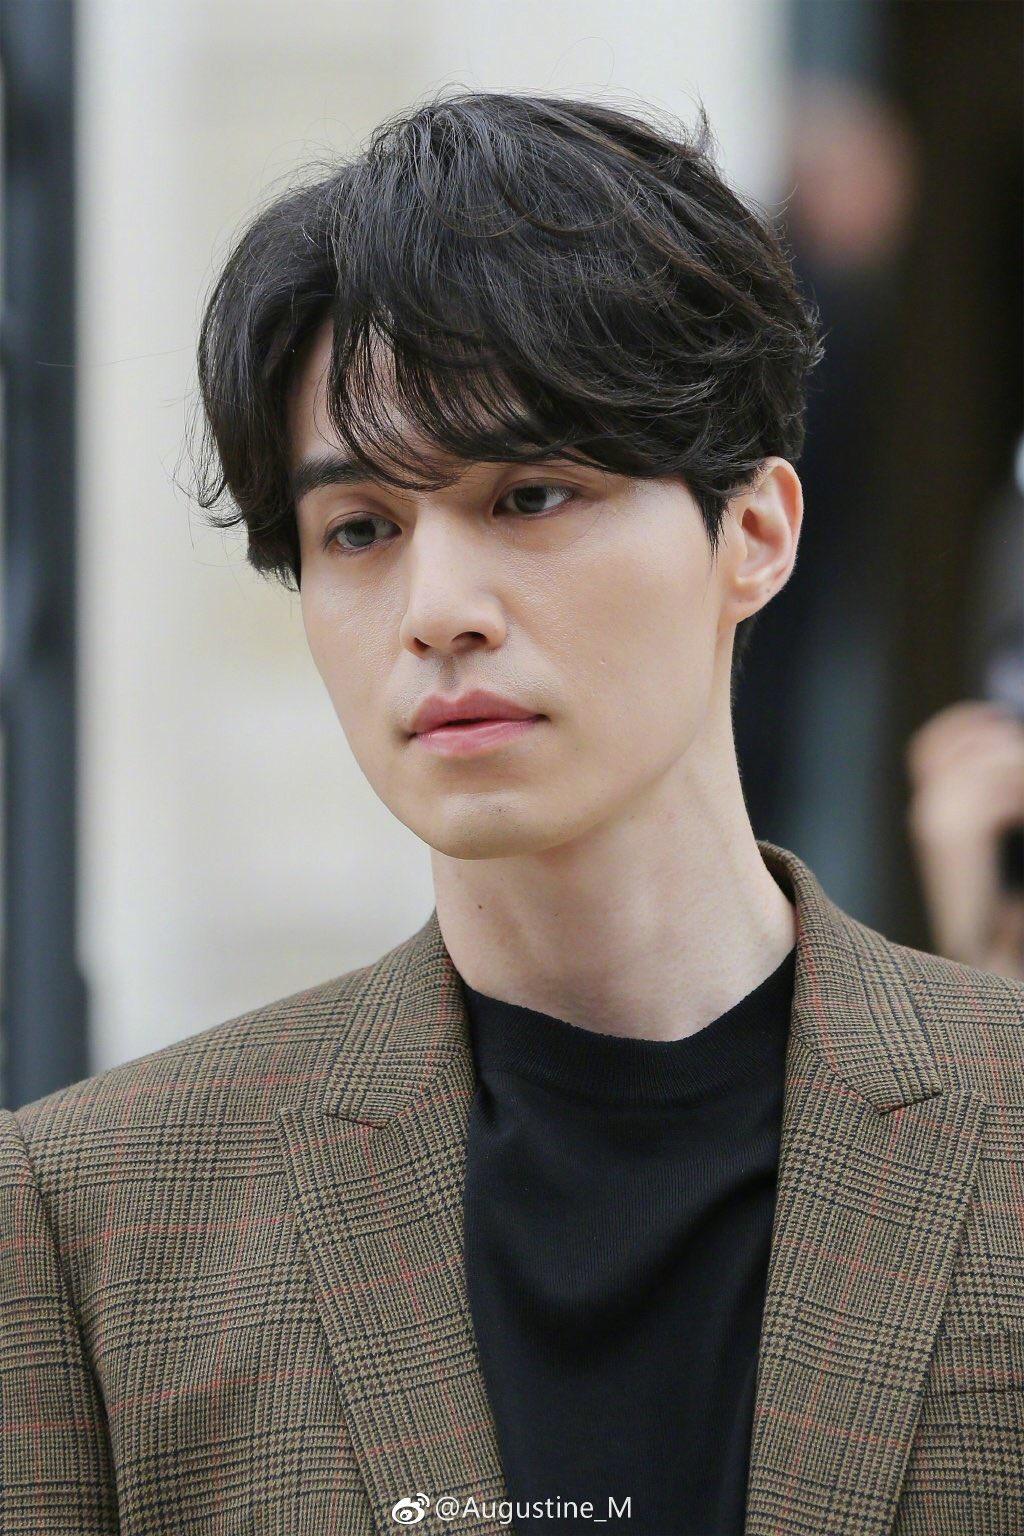 Đẳng cấp nhan sắc Lee Dong Wook: Xuất hiện như một vị thần, đến người dân Pháp cũng phải mê đắm - Ảnh 6.